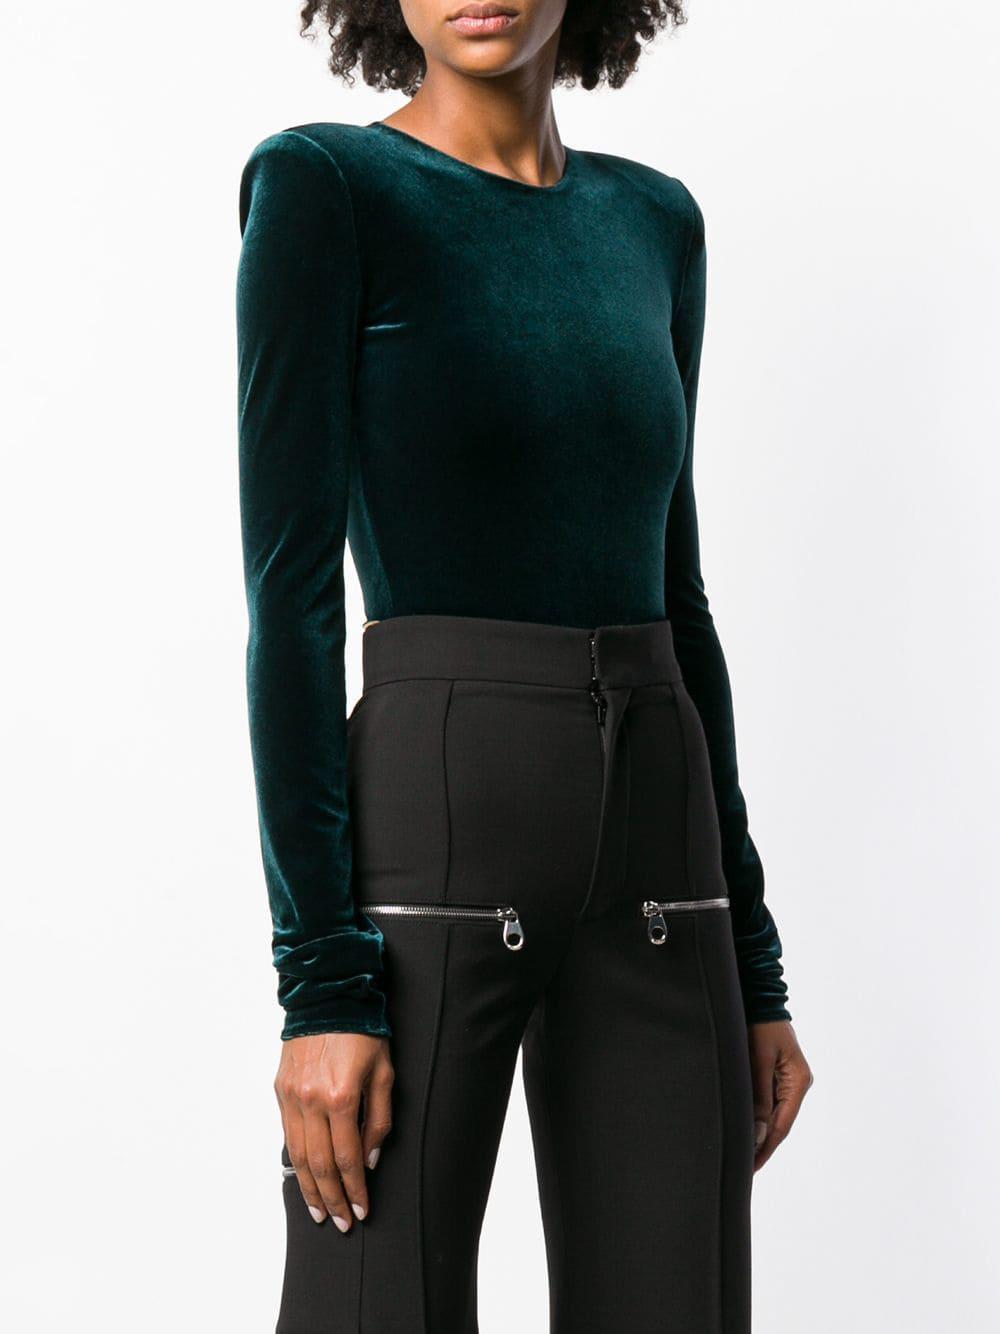 Alexandre Vauthier Velvet Bodysuit in Green - Lyst 2fcdabf15